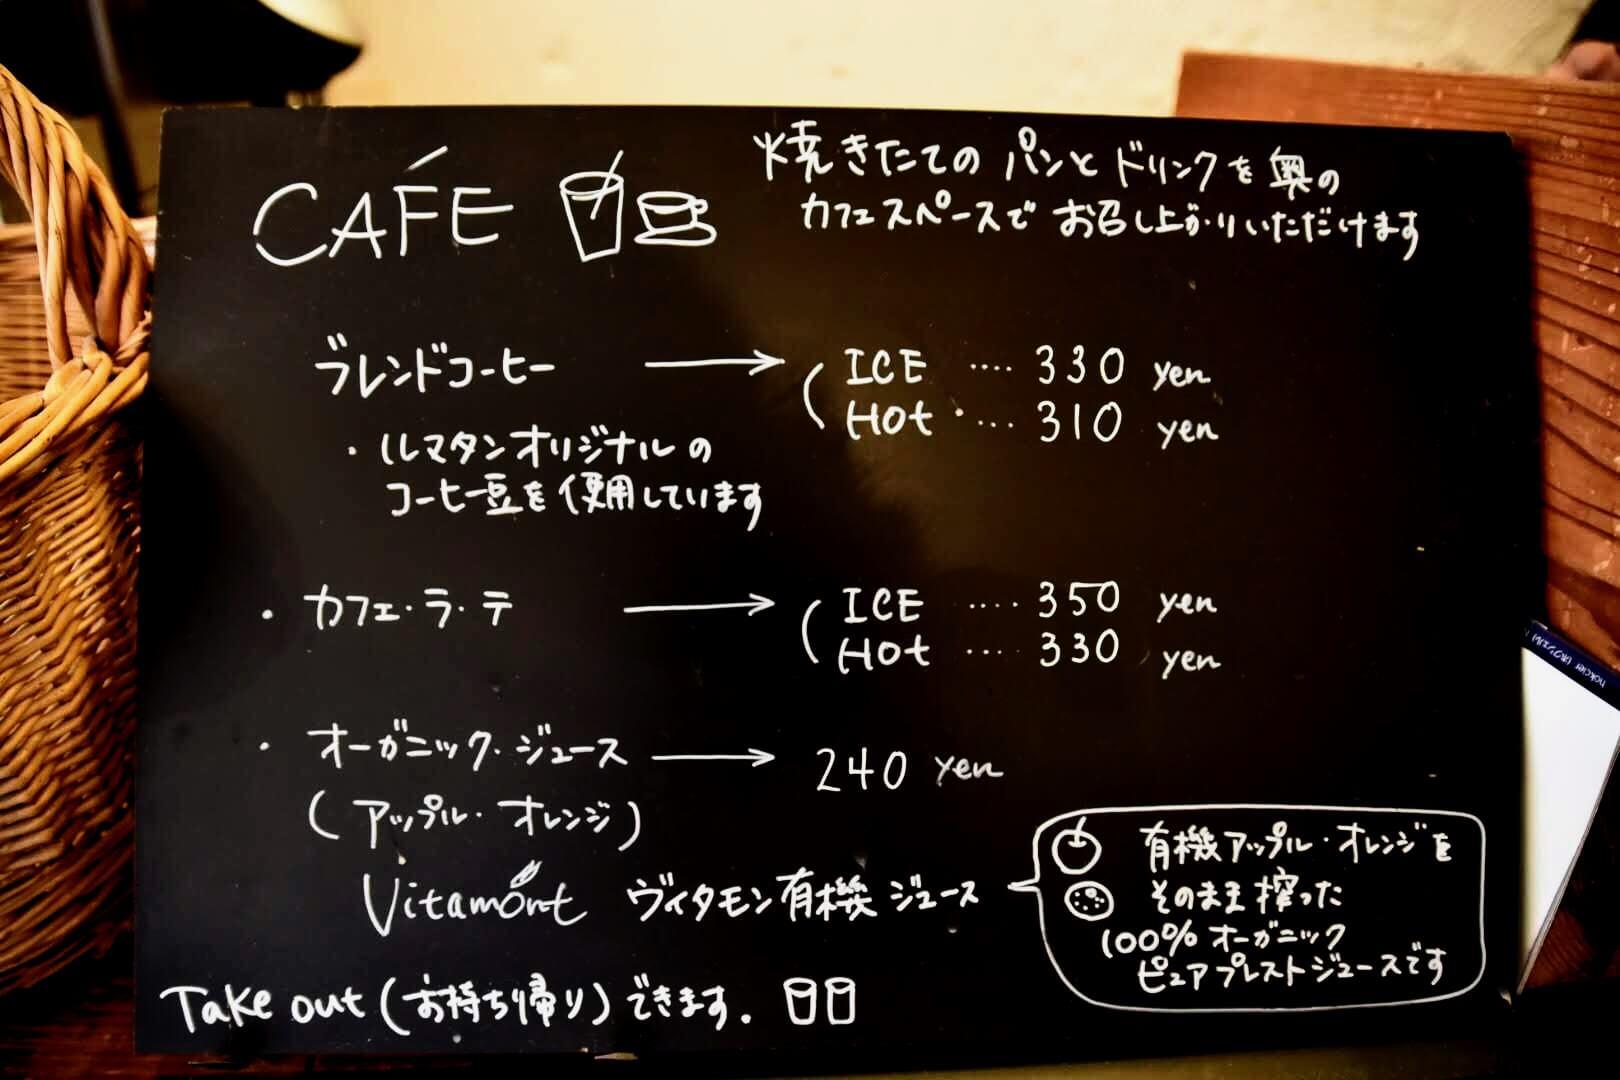 ルマタン・ドゥ・ラヴィのカフェメニュー